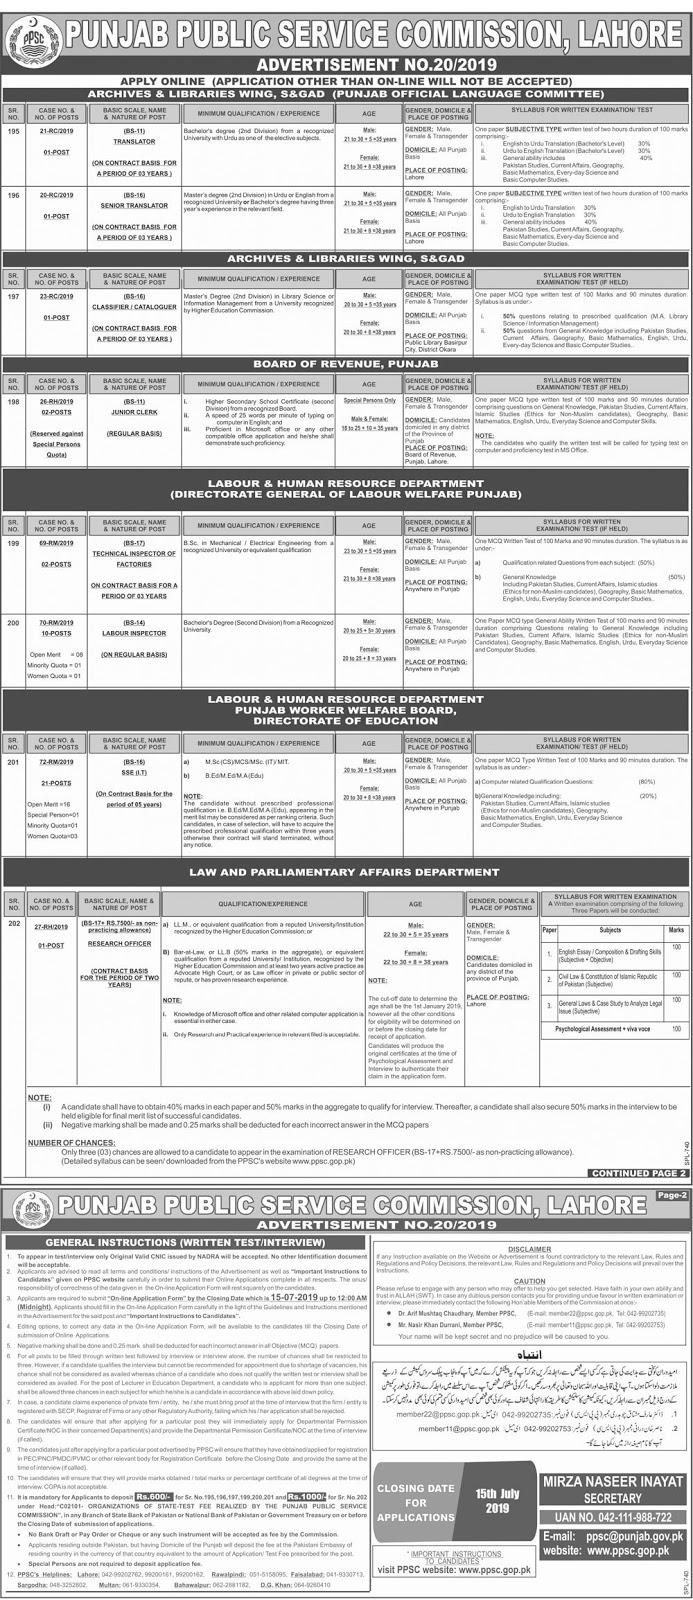 PPSC Jobs announcement 2019 | Public Service Commission of Punjab